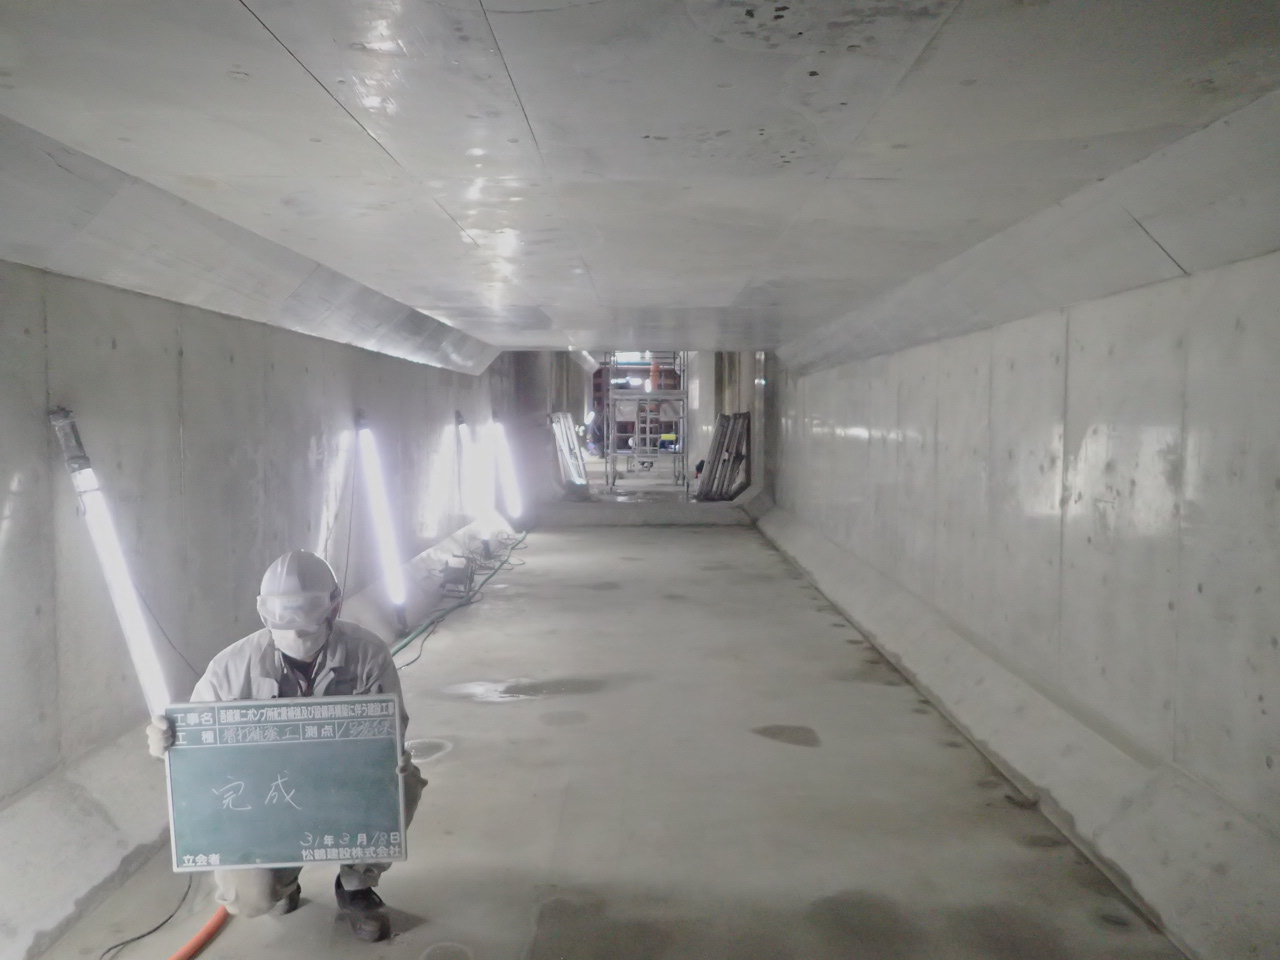 吾嬬ポンプ所耐震補強及び設備再構築に伴う建設工事